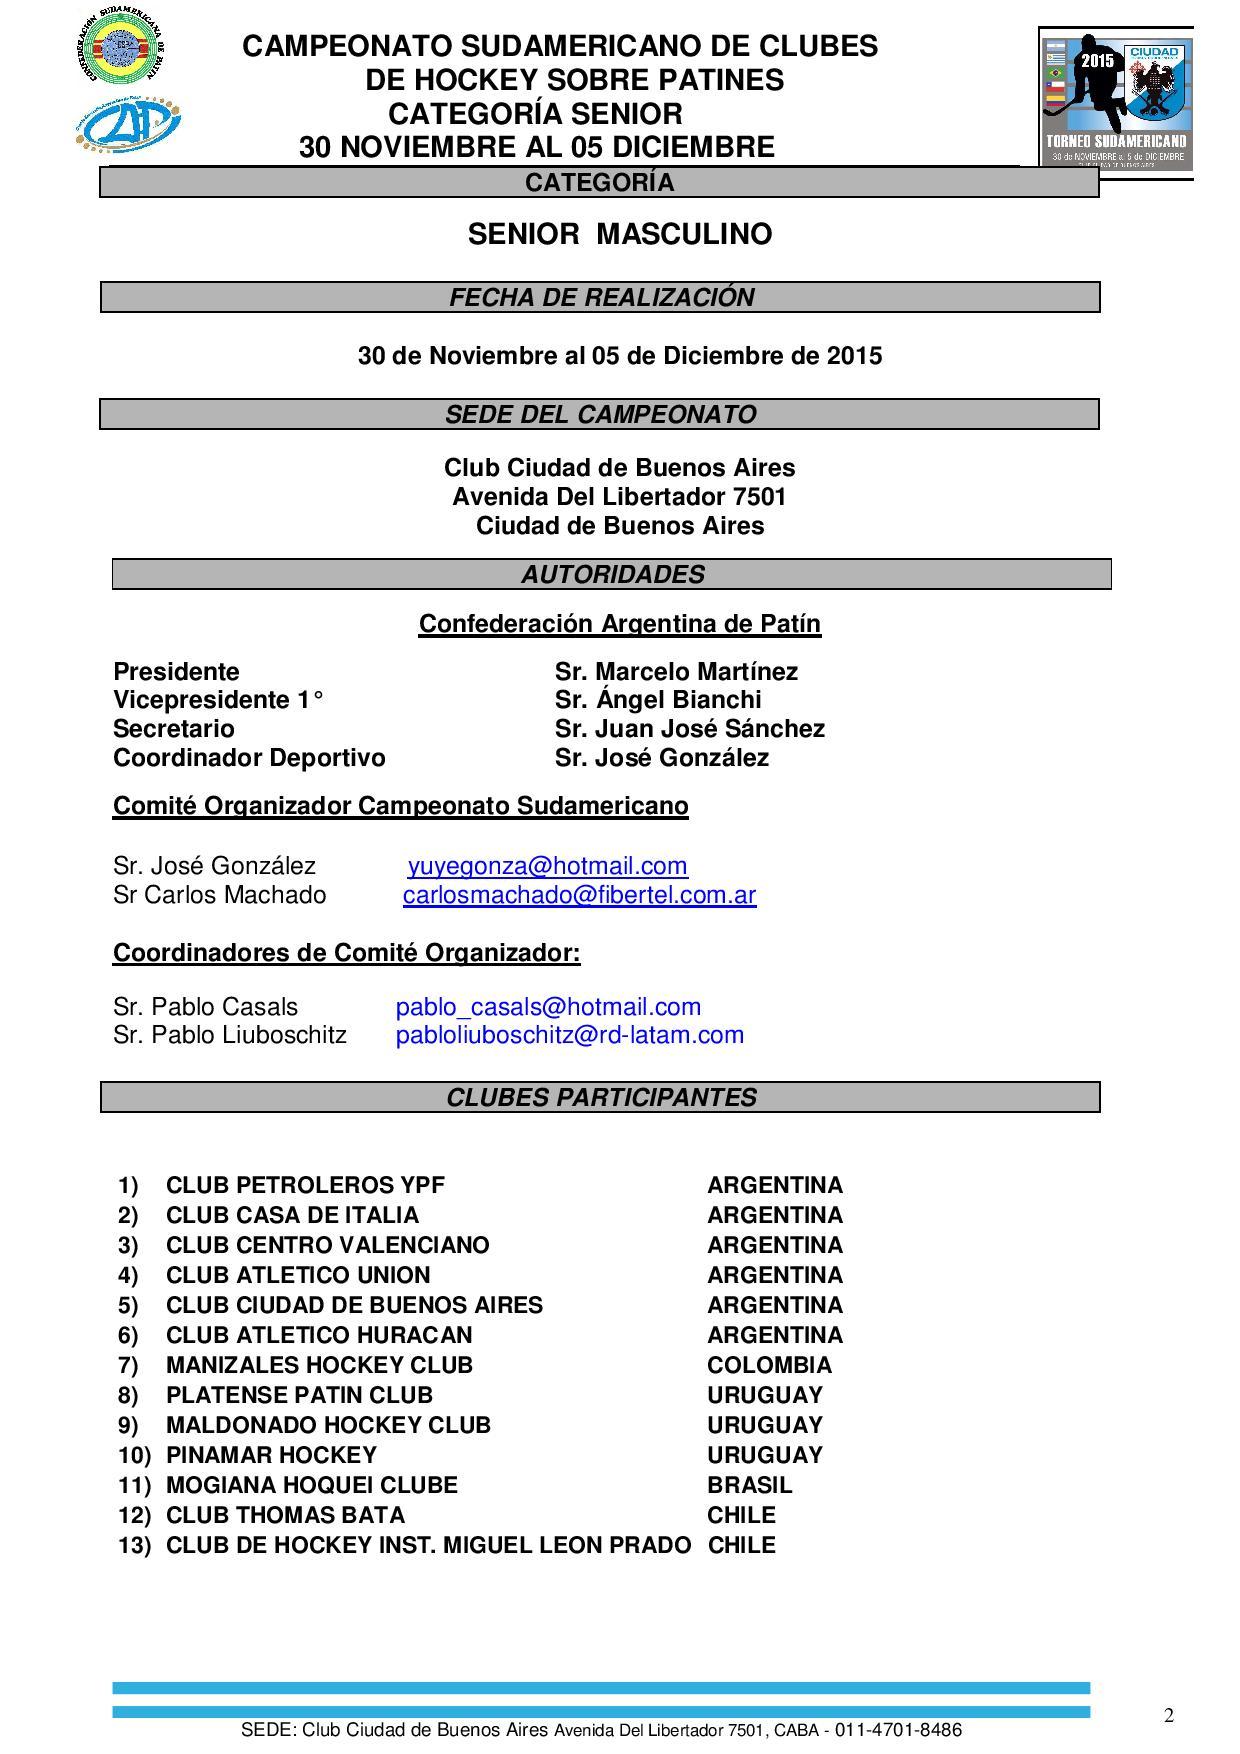 CARPETA CAMPEONATO SUDAMERICANO DE CLUBES HSP 2015-page-002